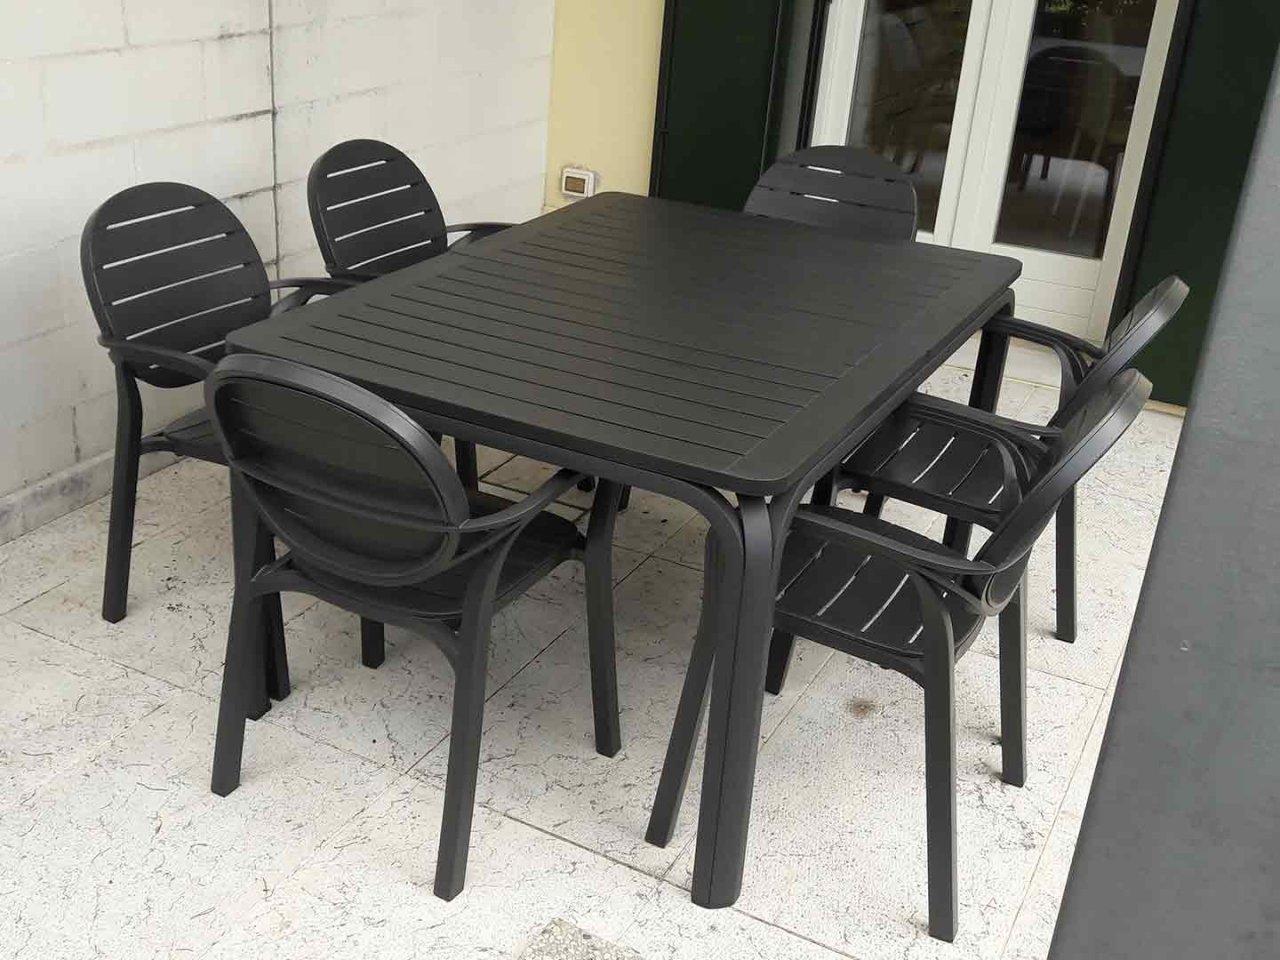 Scopri i Testimonial del prodotto Set tavolo Alloro 140/210 con 6 poltrone Palma